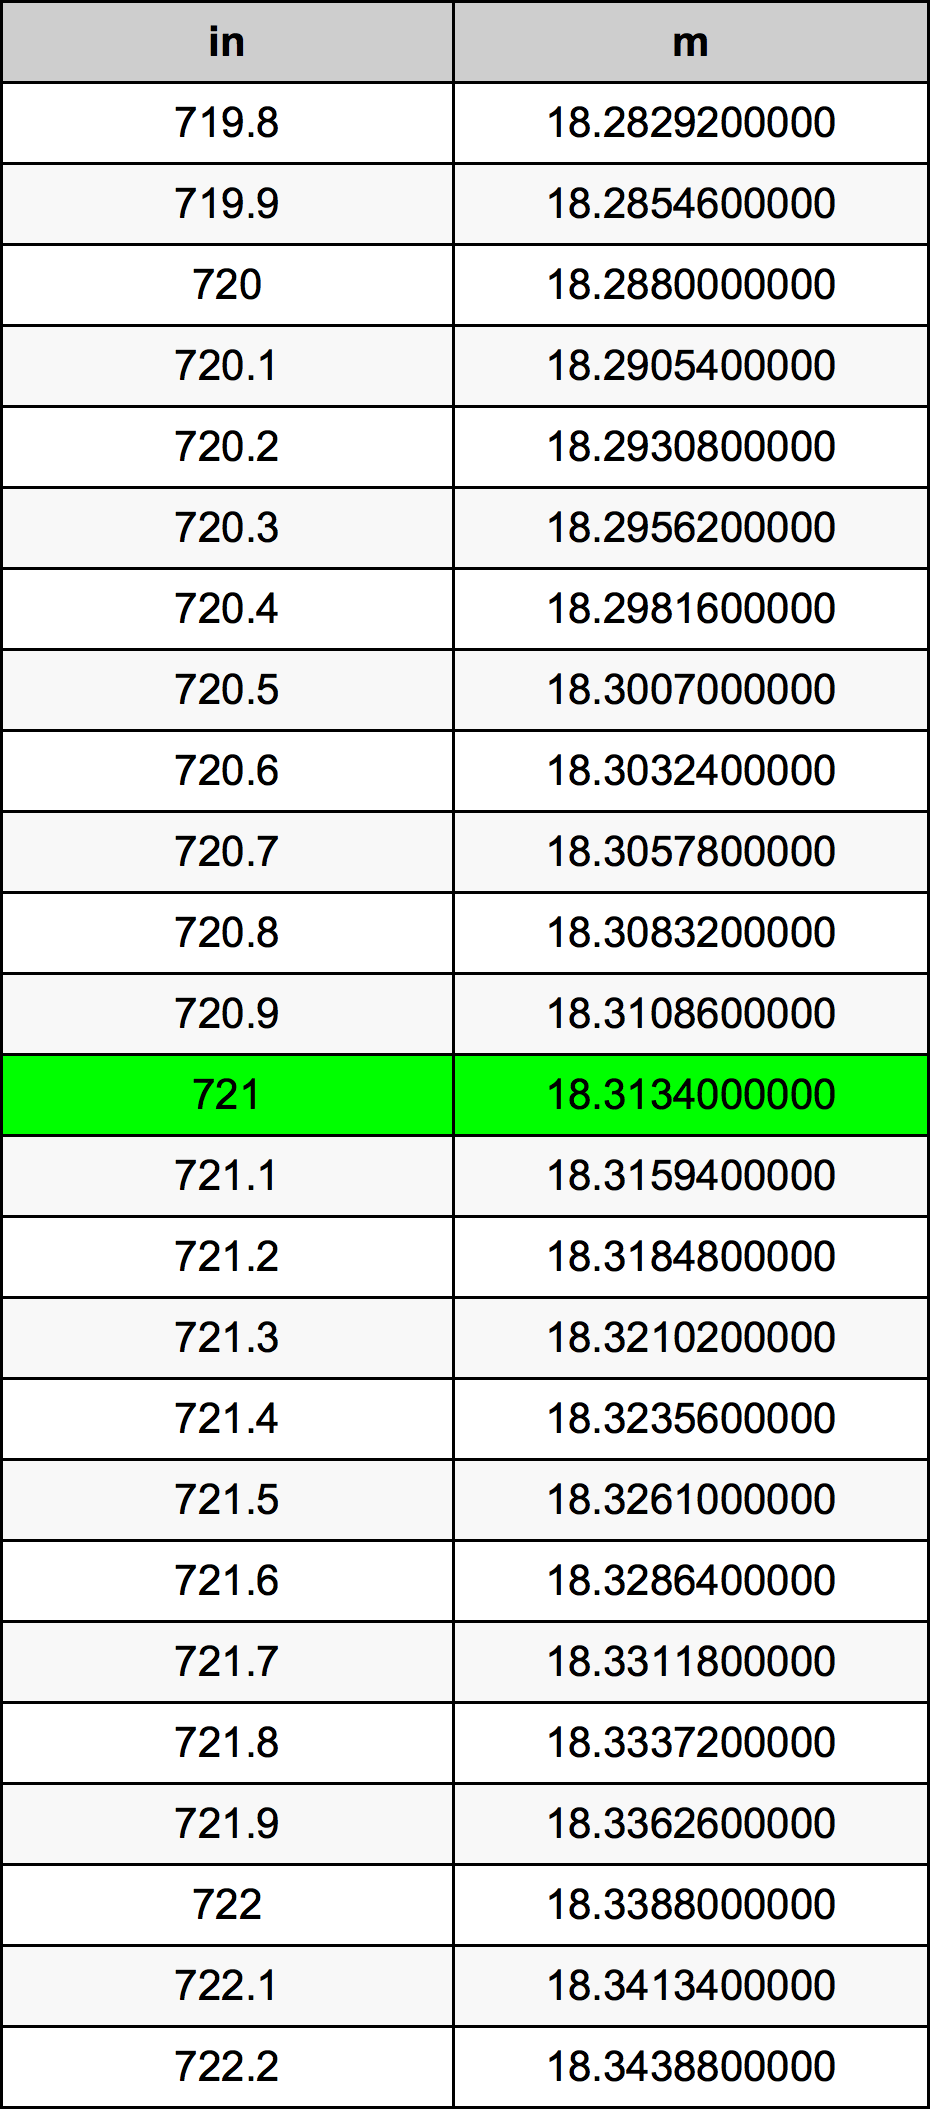 721 بوصة جدول تحويل